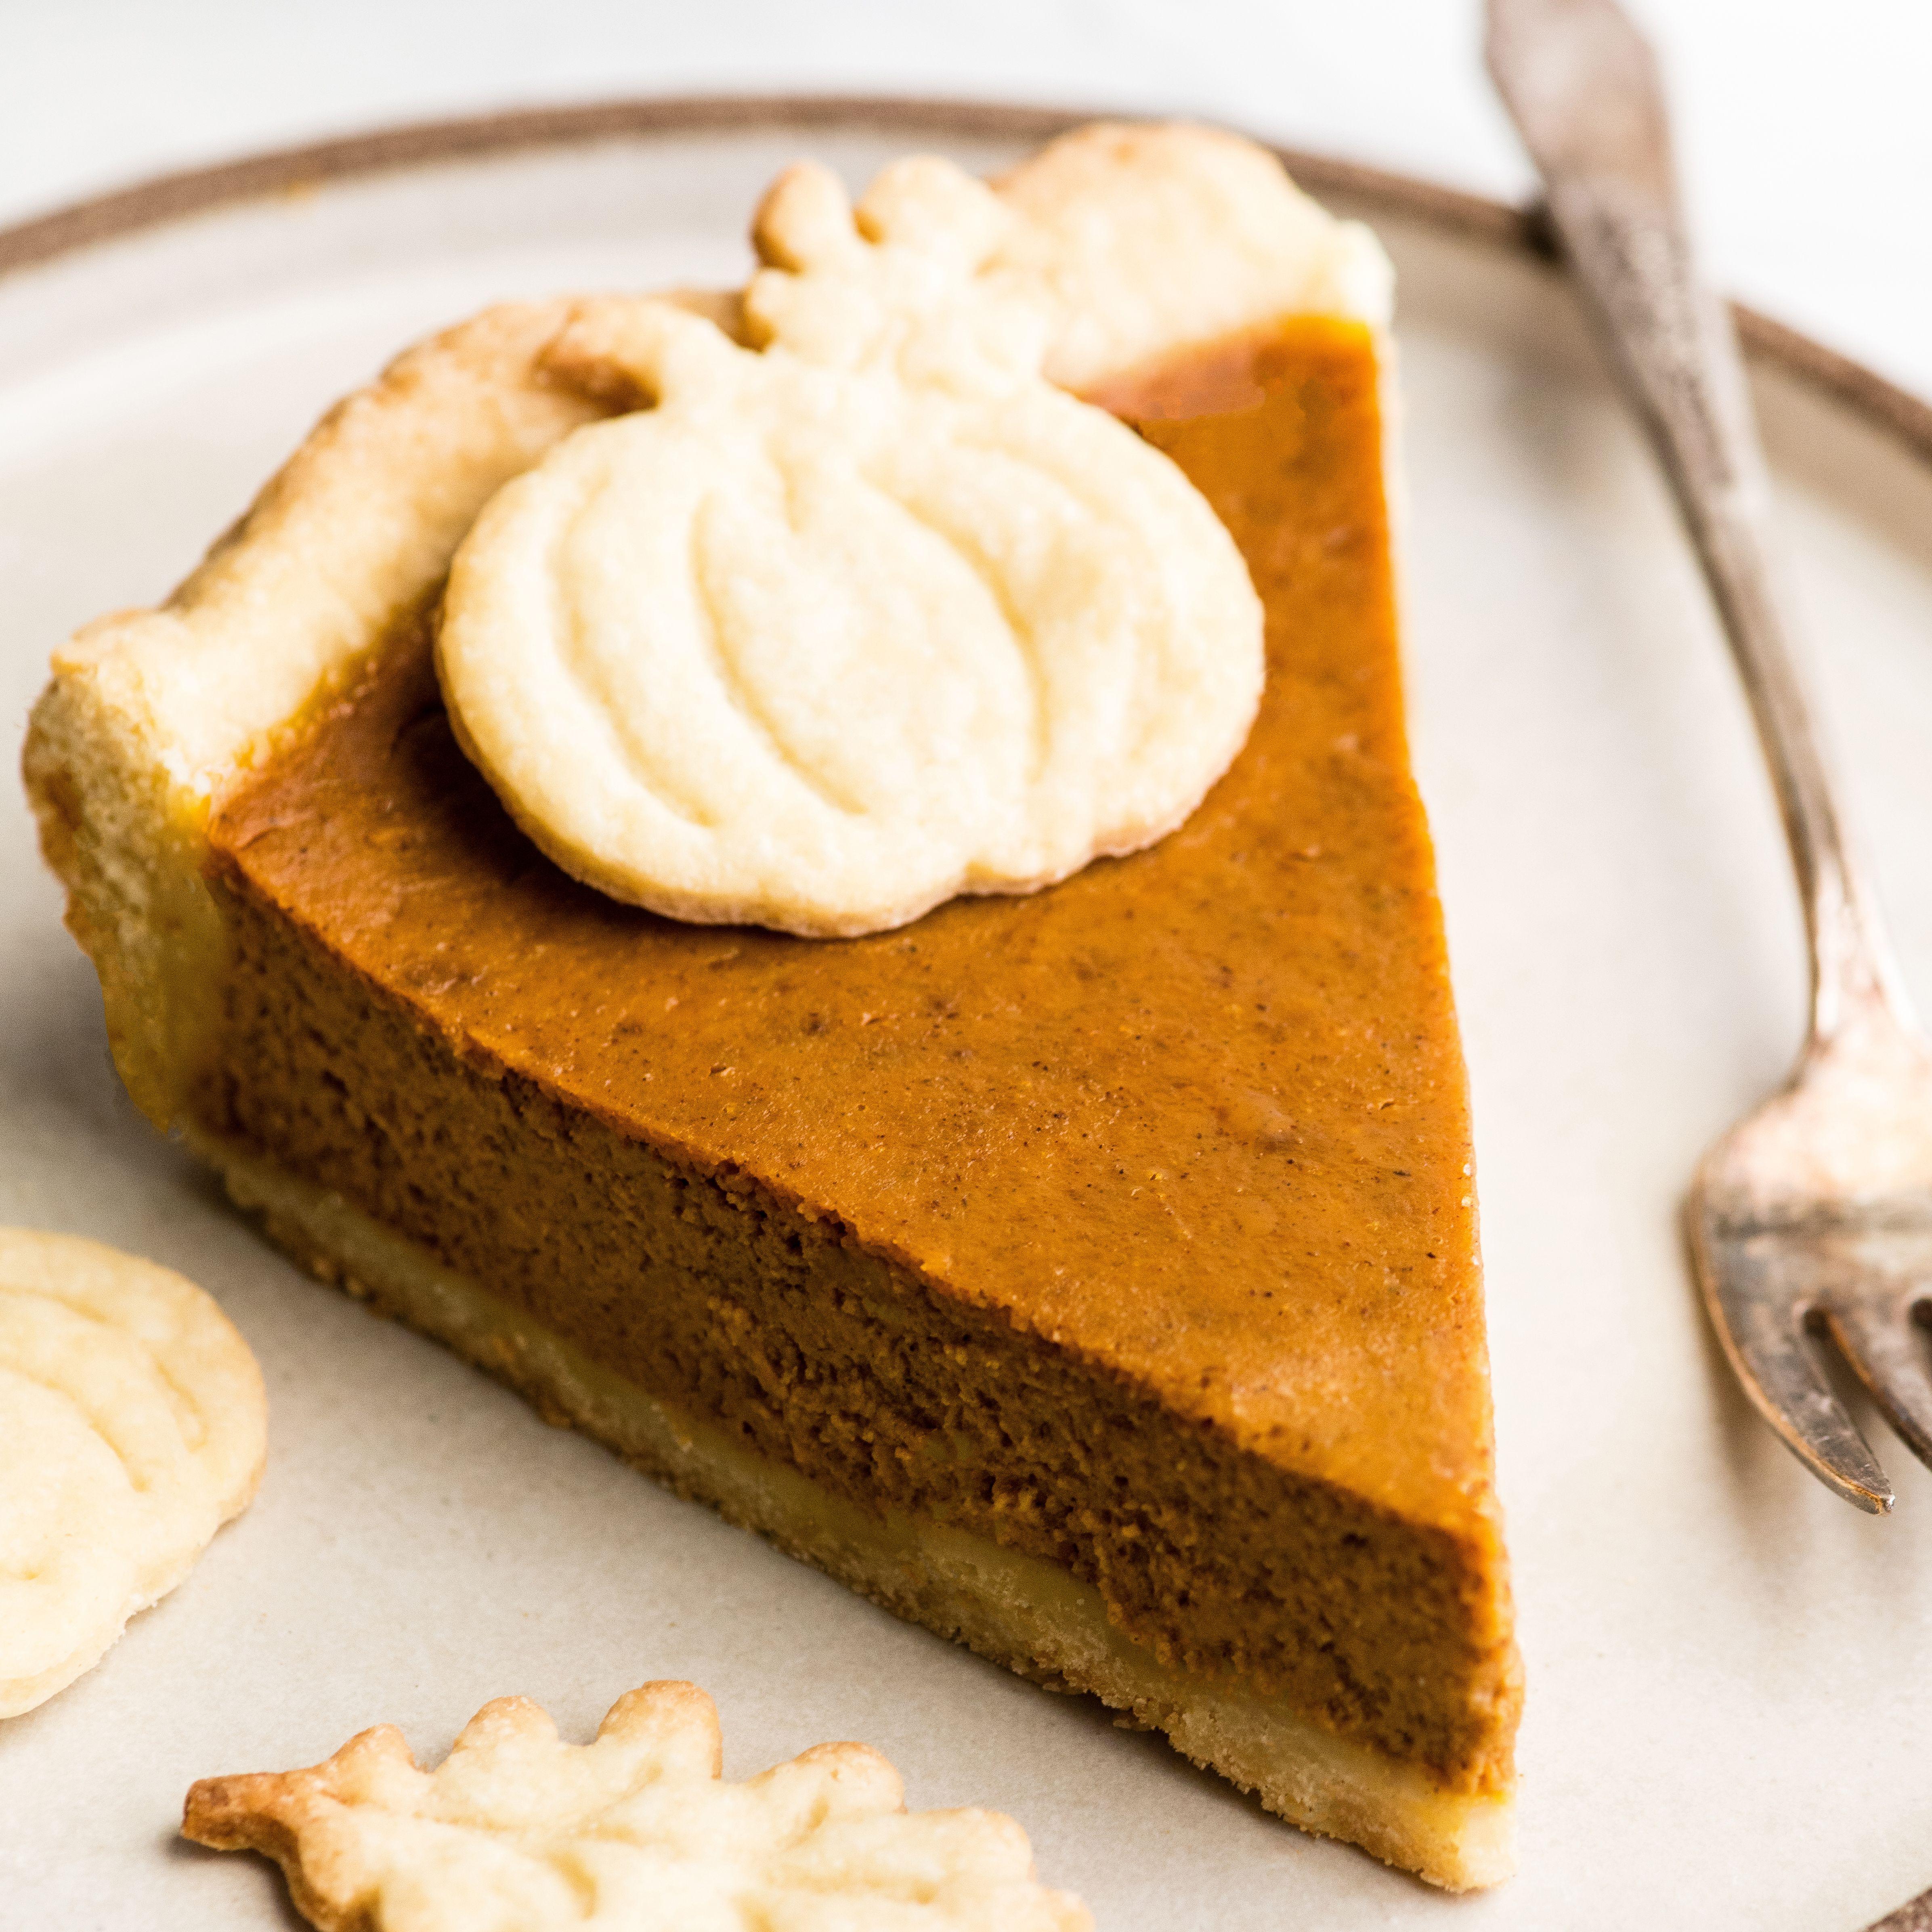 The BEST Pumpkin Pie Recipe (from scratch)